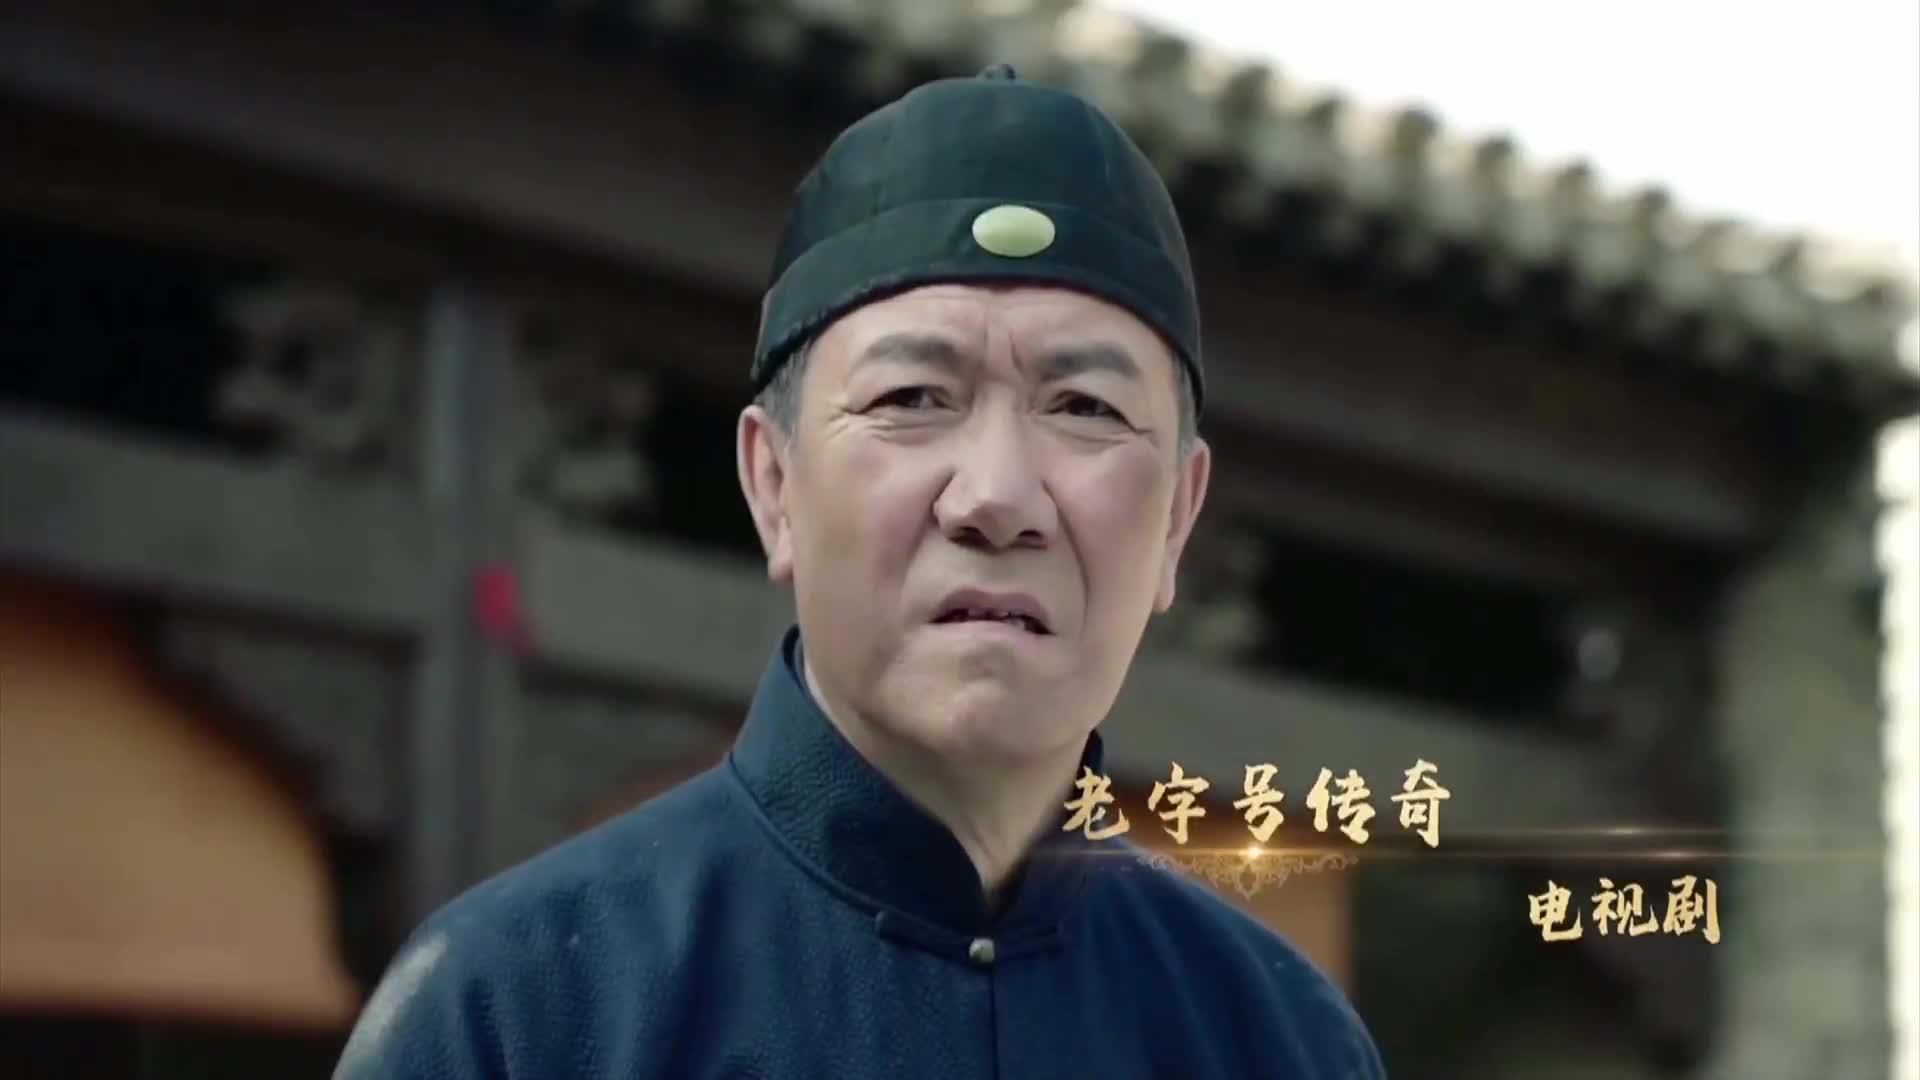 """西影之夜:""""影视陕军""""力量汇聚西影,共谋陕西影视未来"""